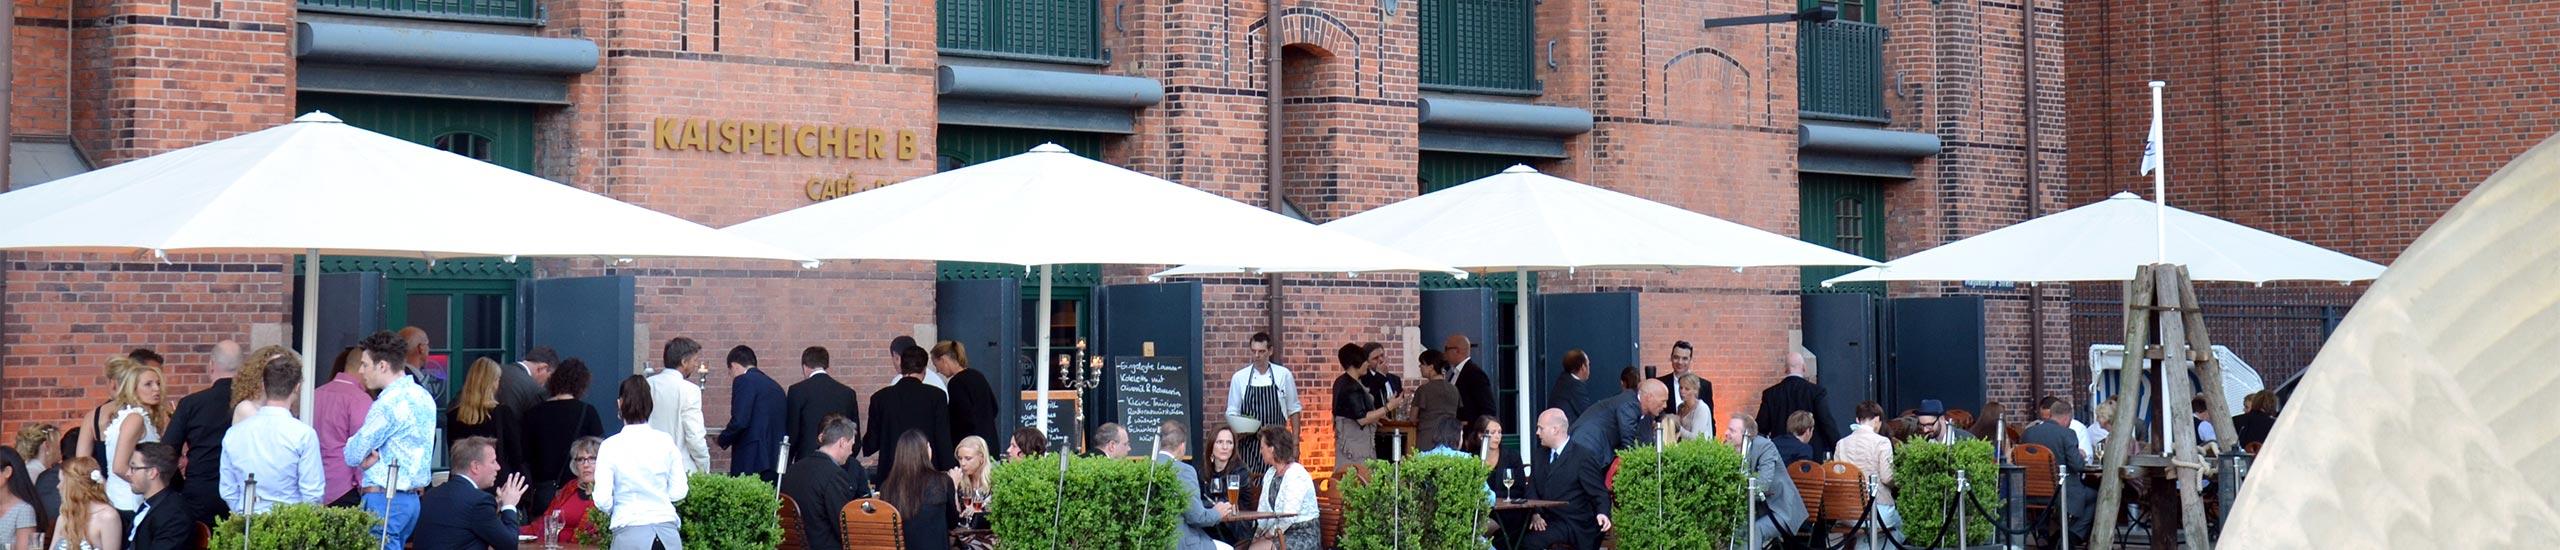 Firmenfeier bei Kaispeicher B auf der Terrasse